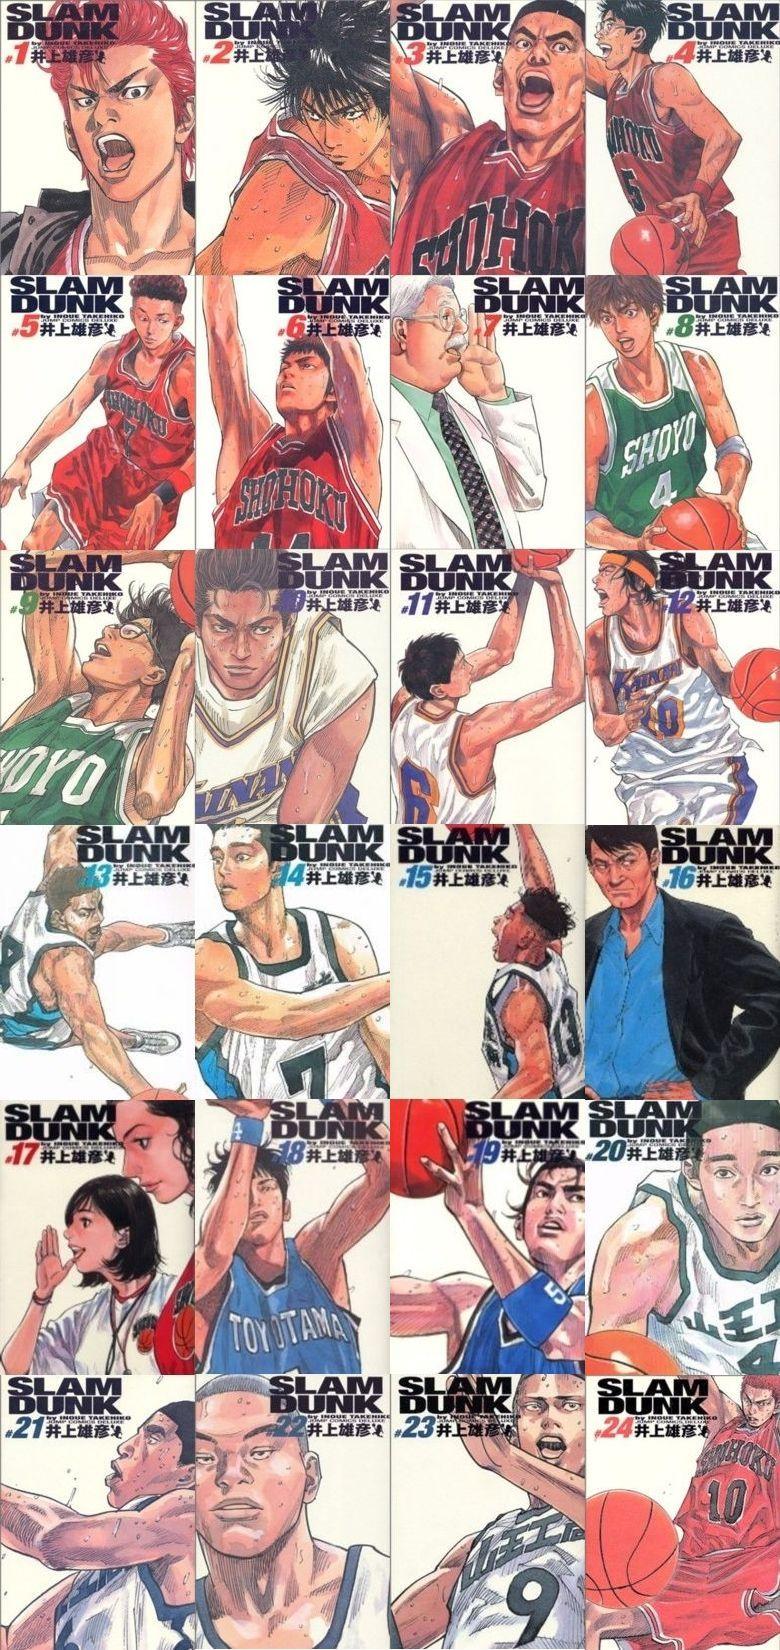 スラムダンク 井上 雄彦 全24巻 slamdunk. The best sports comics!! Many boys started to play basketball becuz of this comics